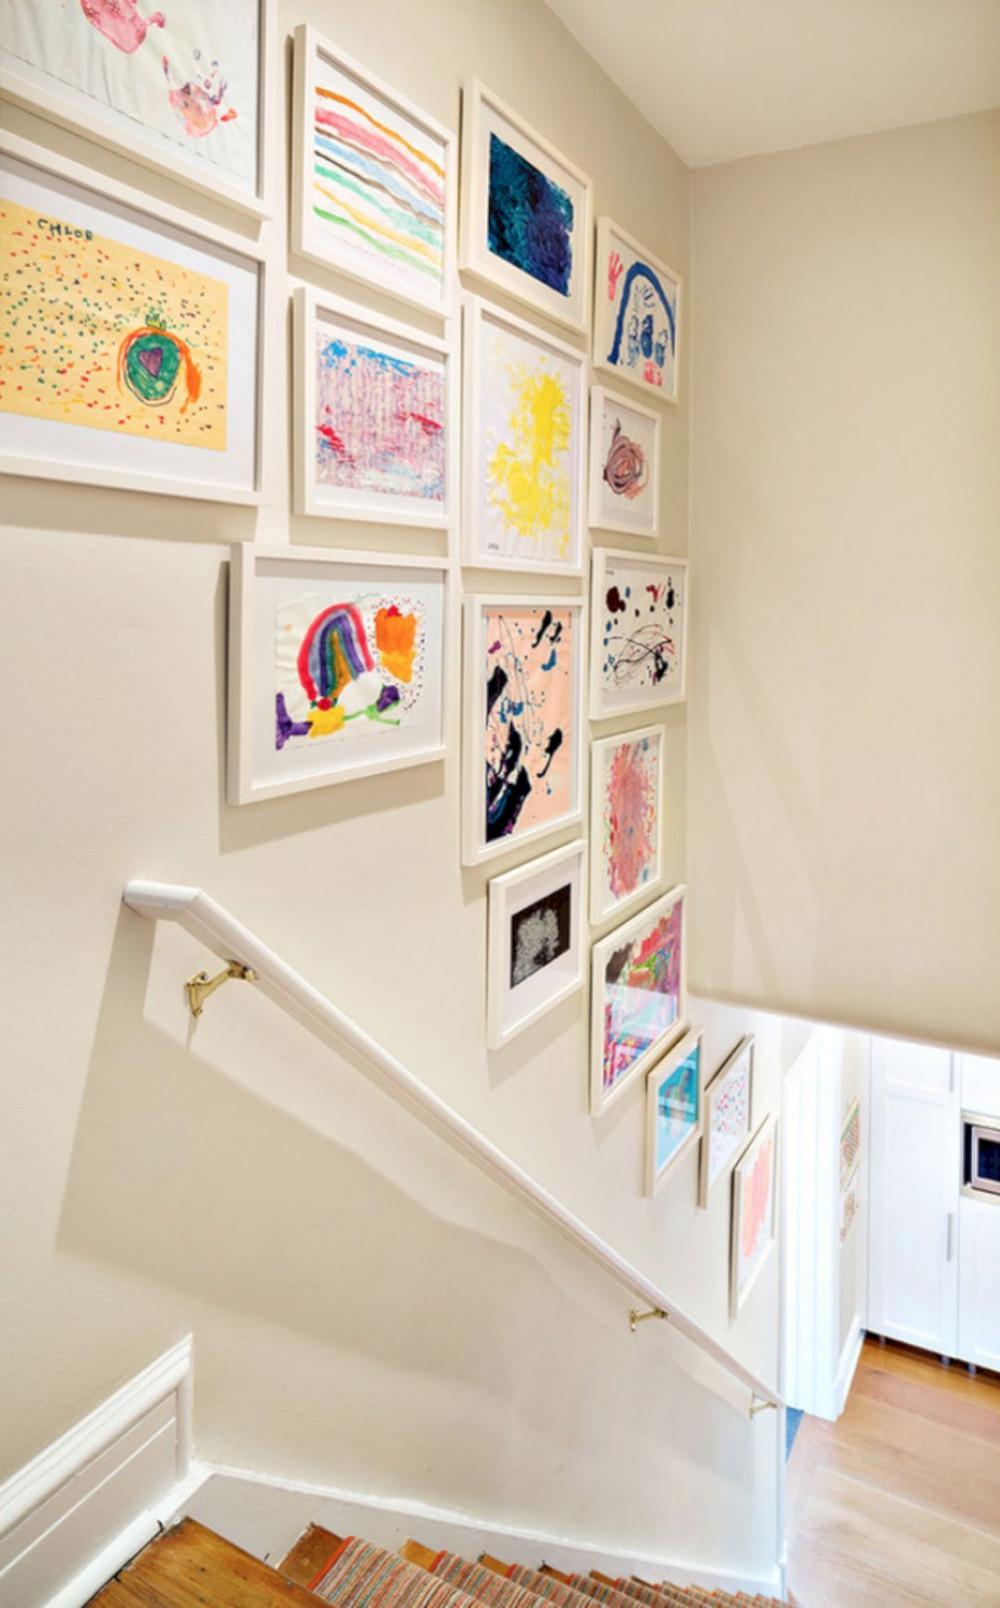 Hình 7. Thư viện tranh đầy phong cách phía trên cầu thang sẽ trưng bày những tác phẩm đẹp nhất của bé và giúp chúng sẽ được nhìn thấy bất cứ lúc nào một cách thích thú.